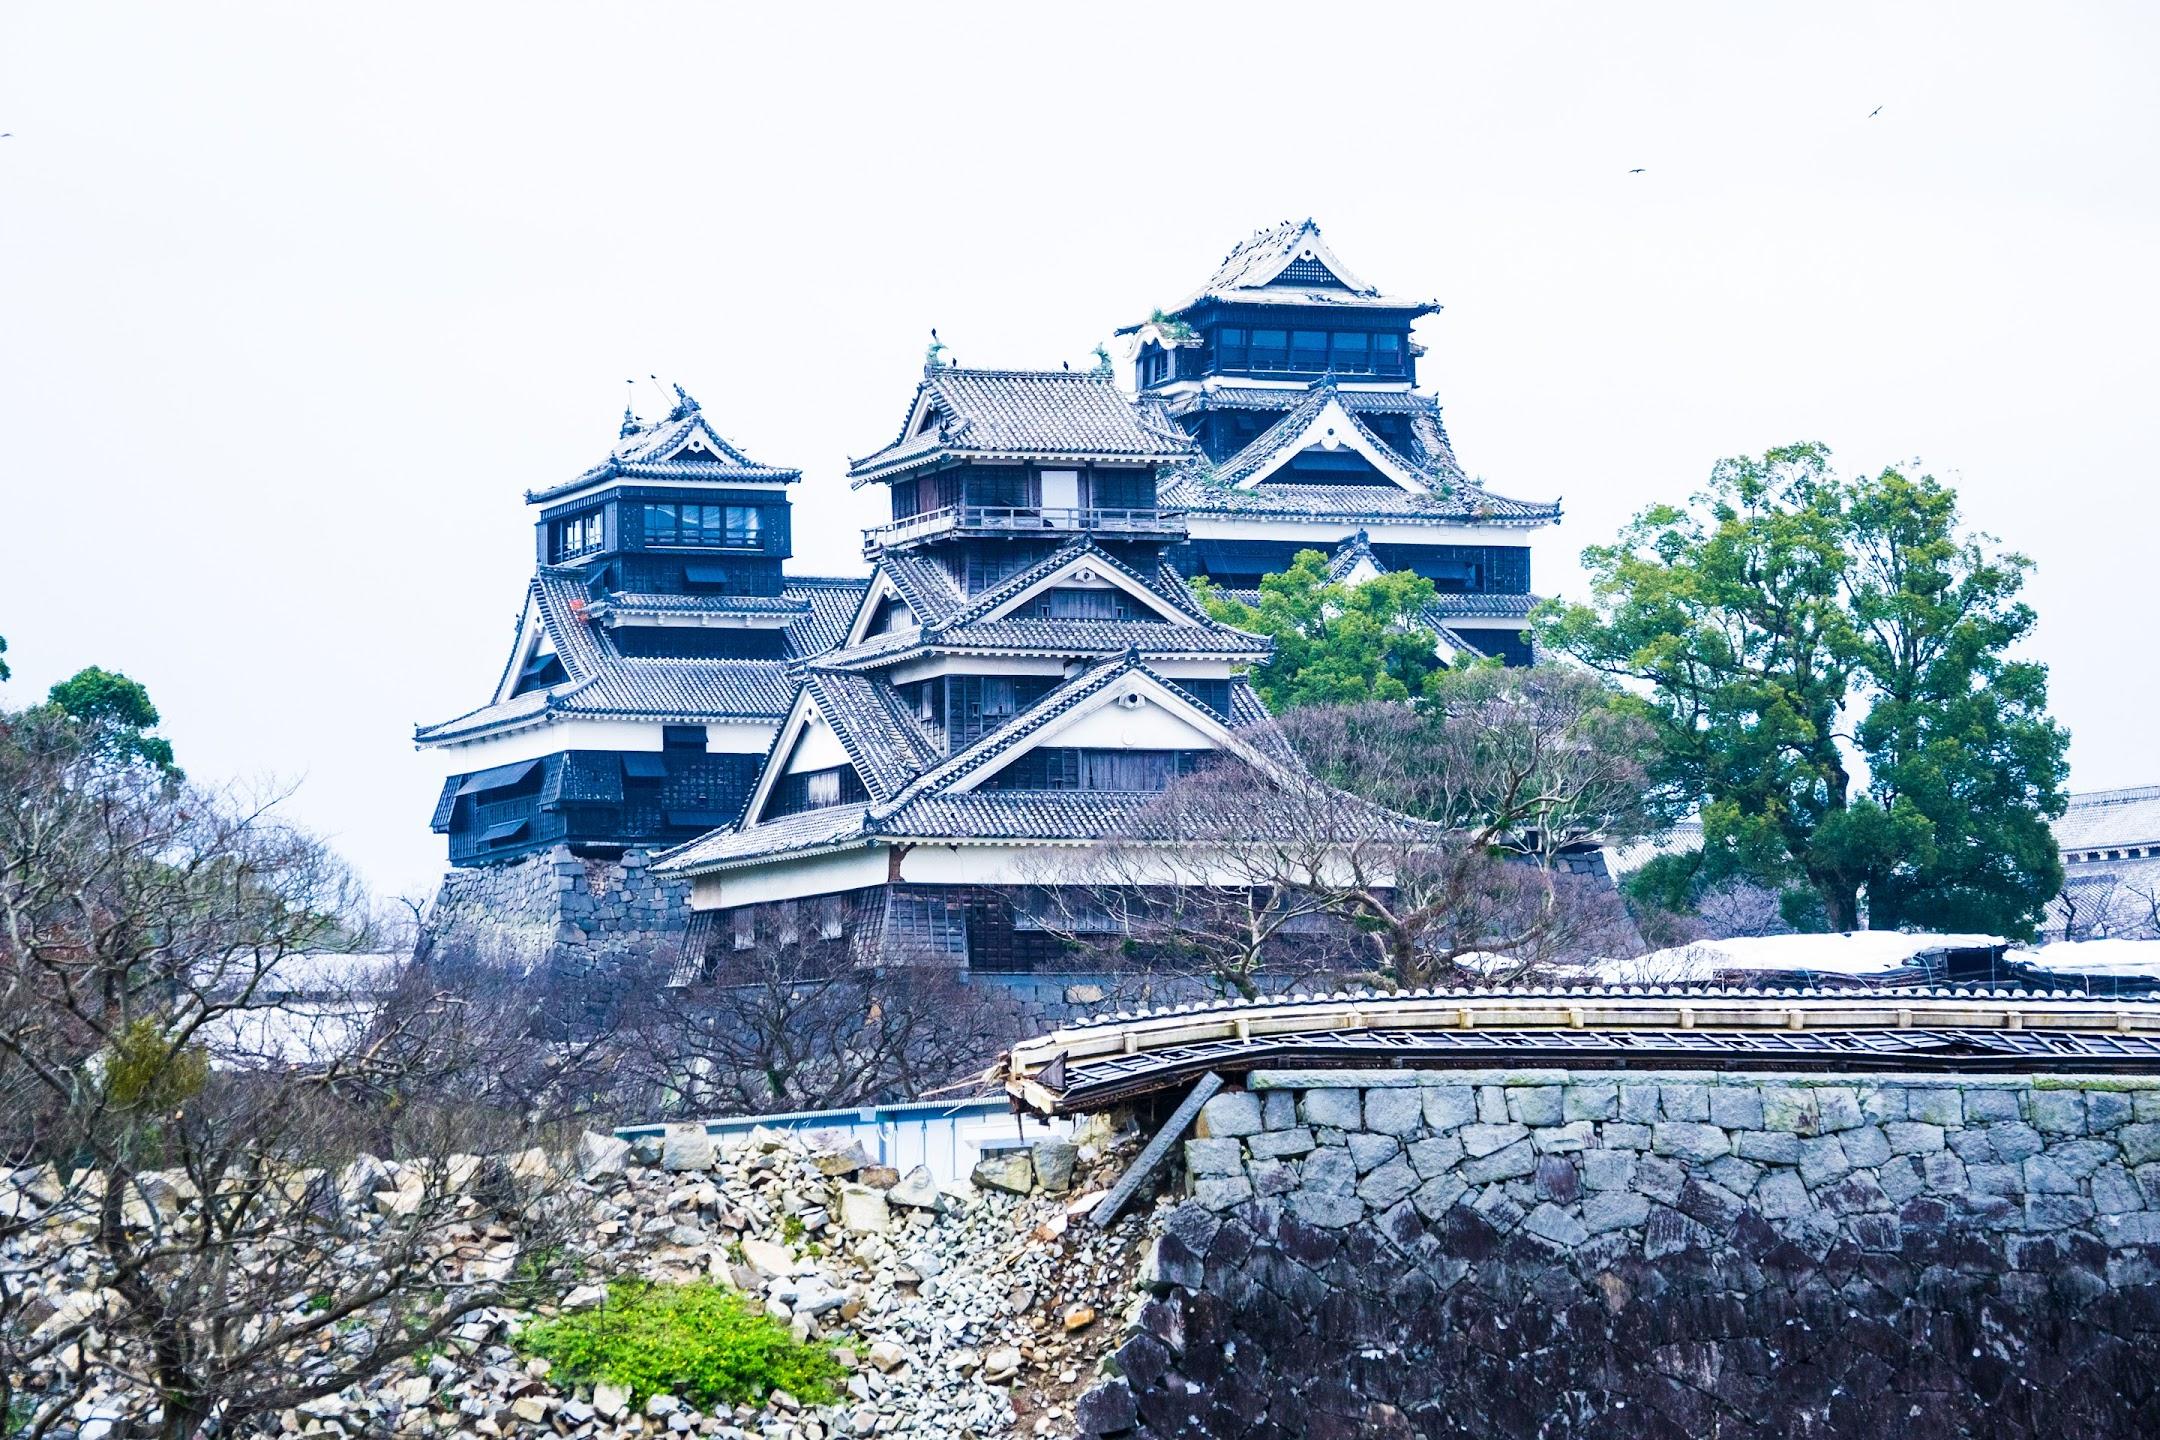 熊本城 二の丸広場 大天守・小天守・宇土櫓2